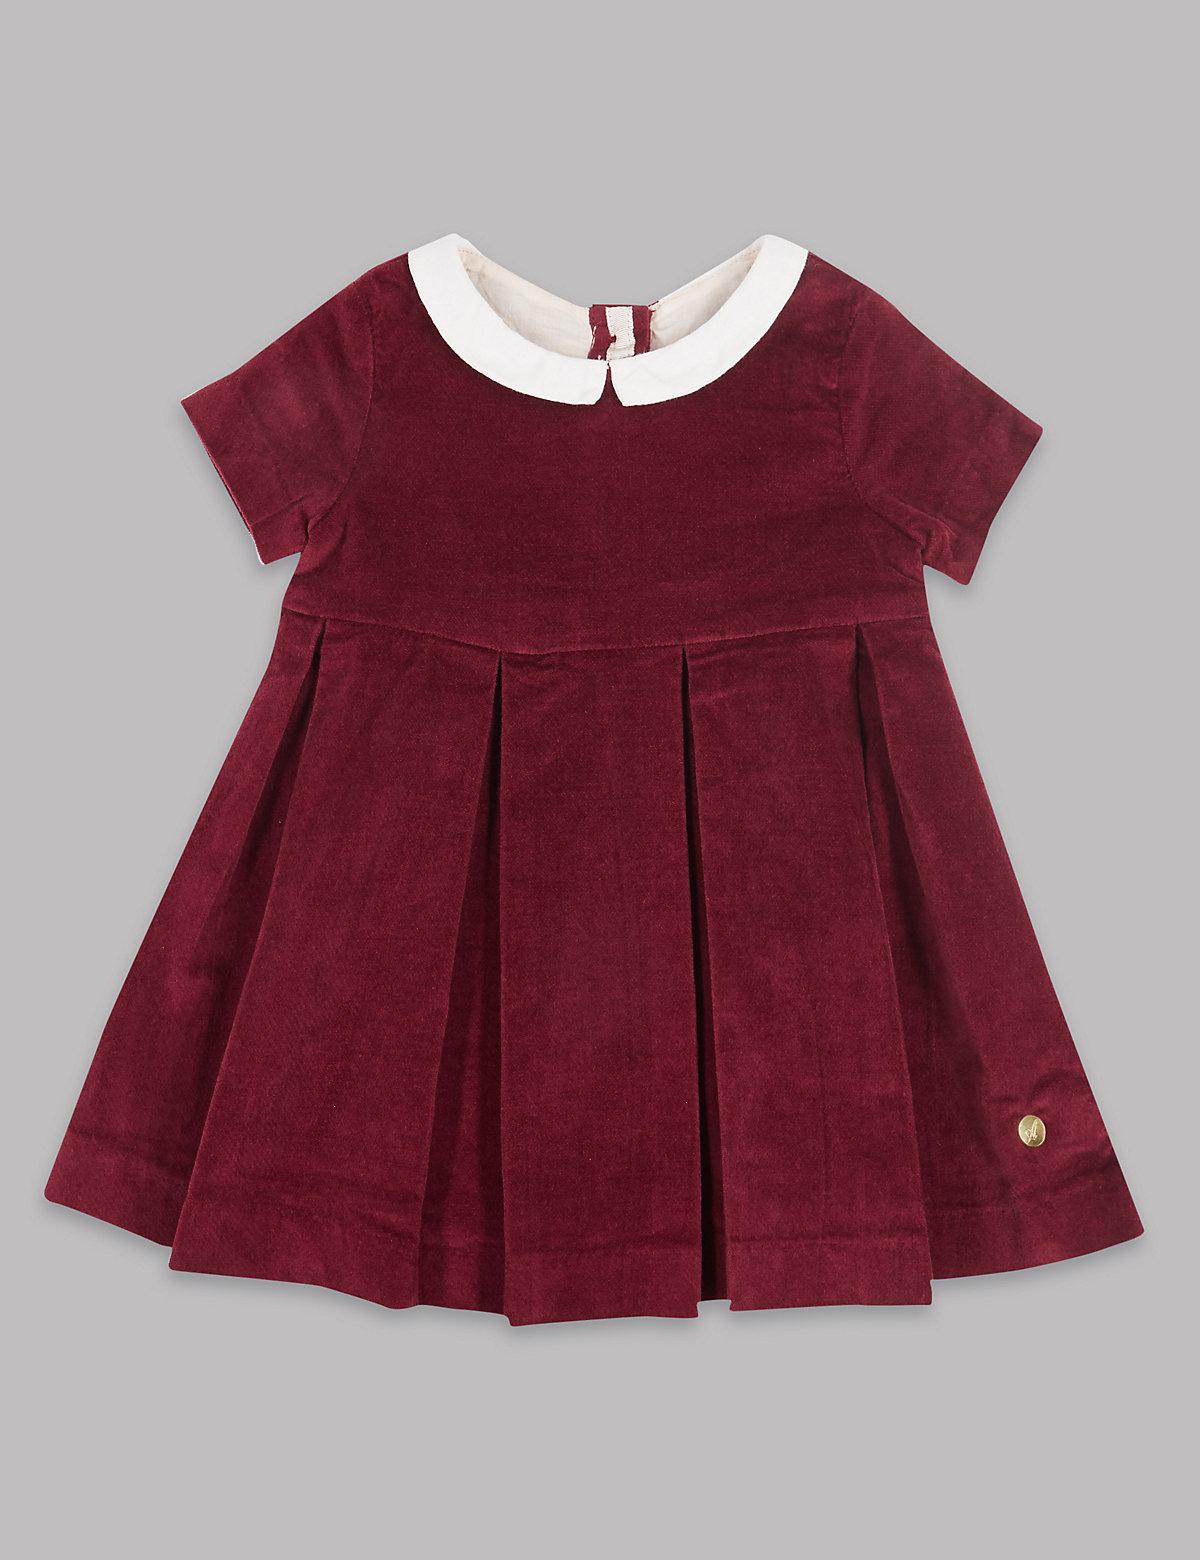 Autograph Velvet Contrasting Collar Pure Cotton Dress